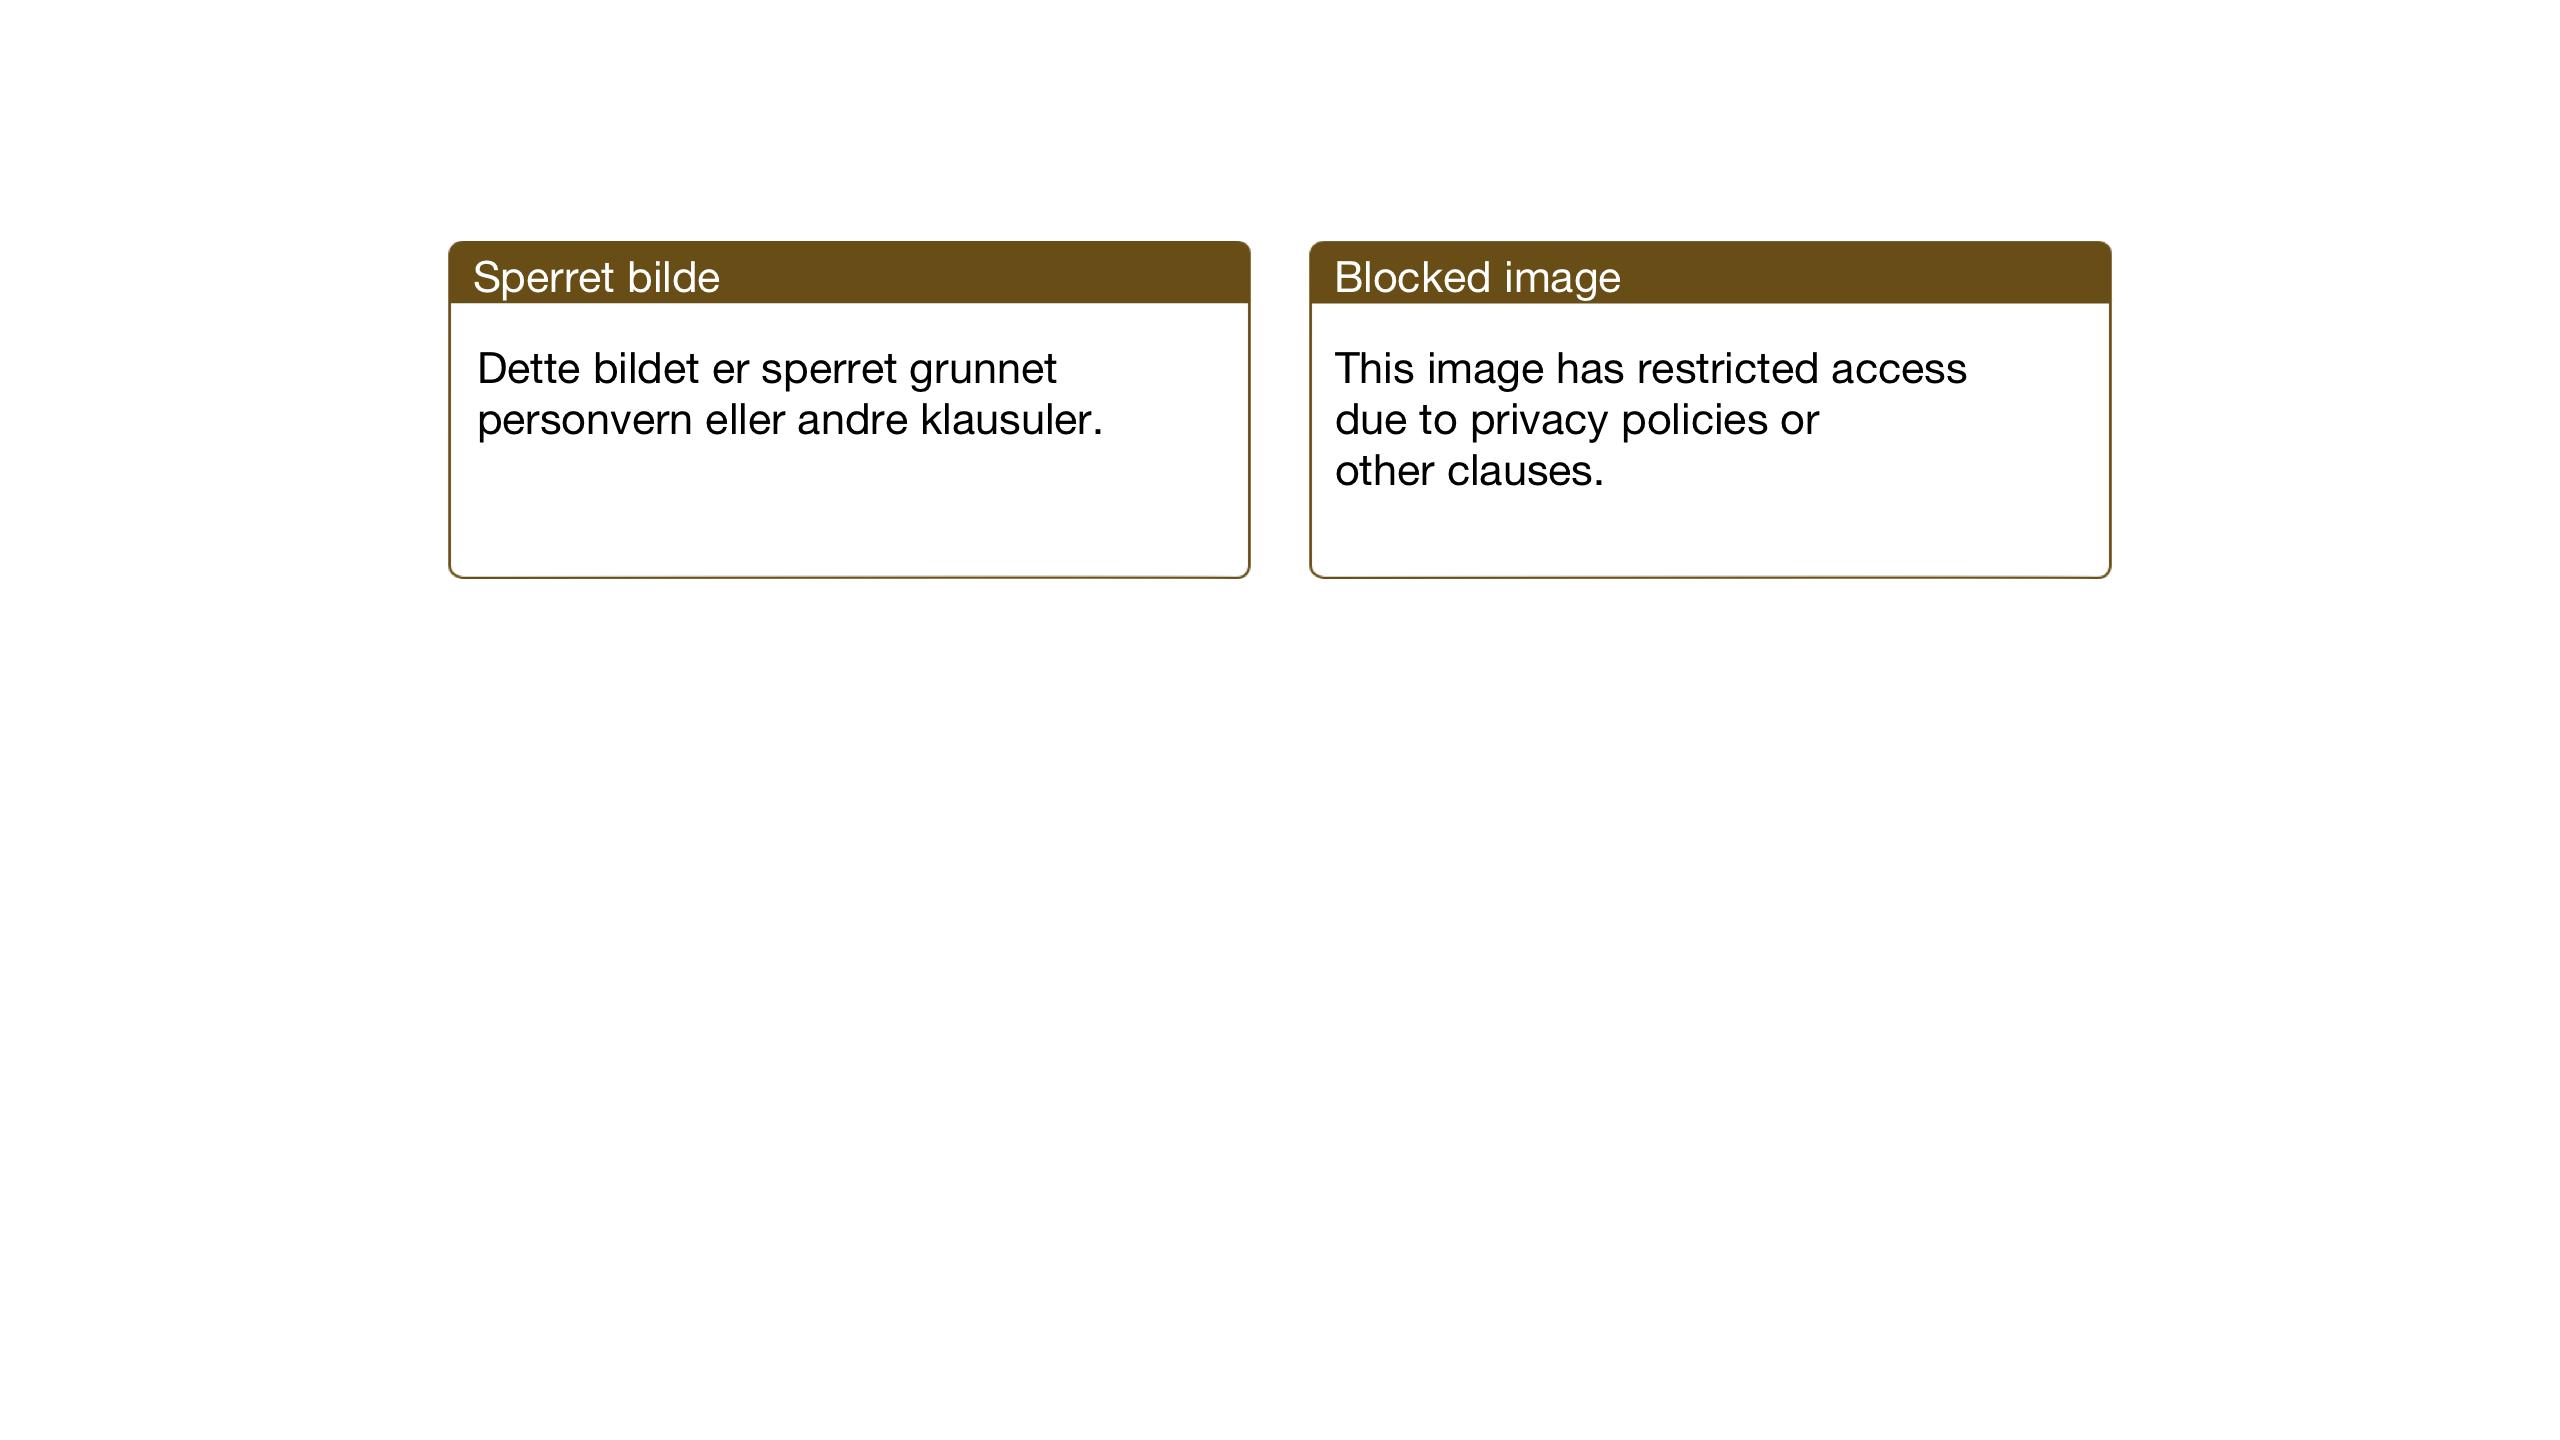 SAT, Ministerialprotokoller, klokkerbøker og fødselsregistre - Nord-Trøndelag, 712/L0104: Klokkerbok nr. 712C02, 1917-1939, s. 131